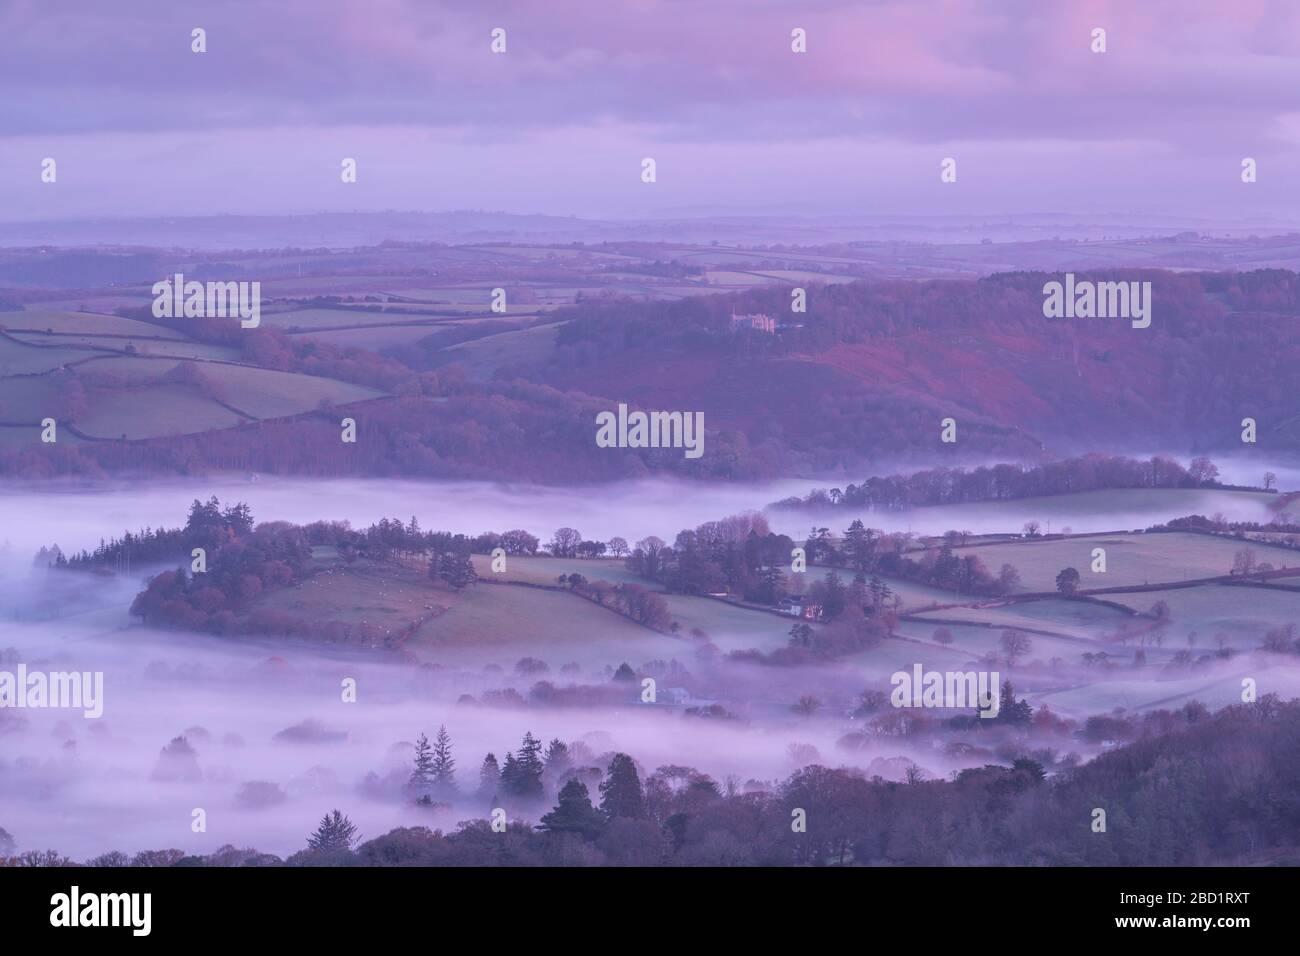 La brume a entouré la campagne de Dartmoor près du château de Drogo en hiver, le parc national de Dartmoor, Devon, Angleterre, Royaume-Uni, Europe Banque D'Images